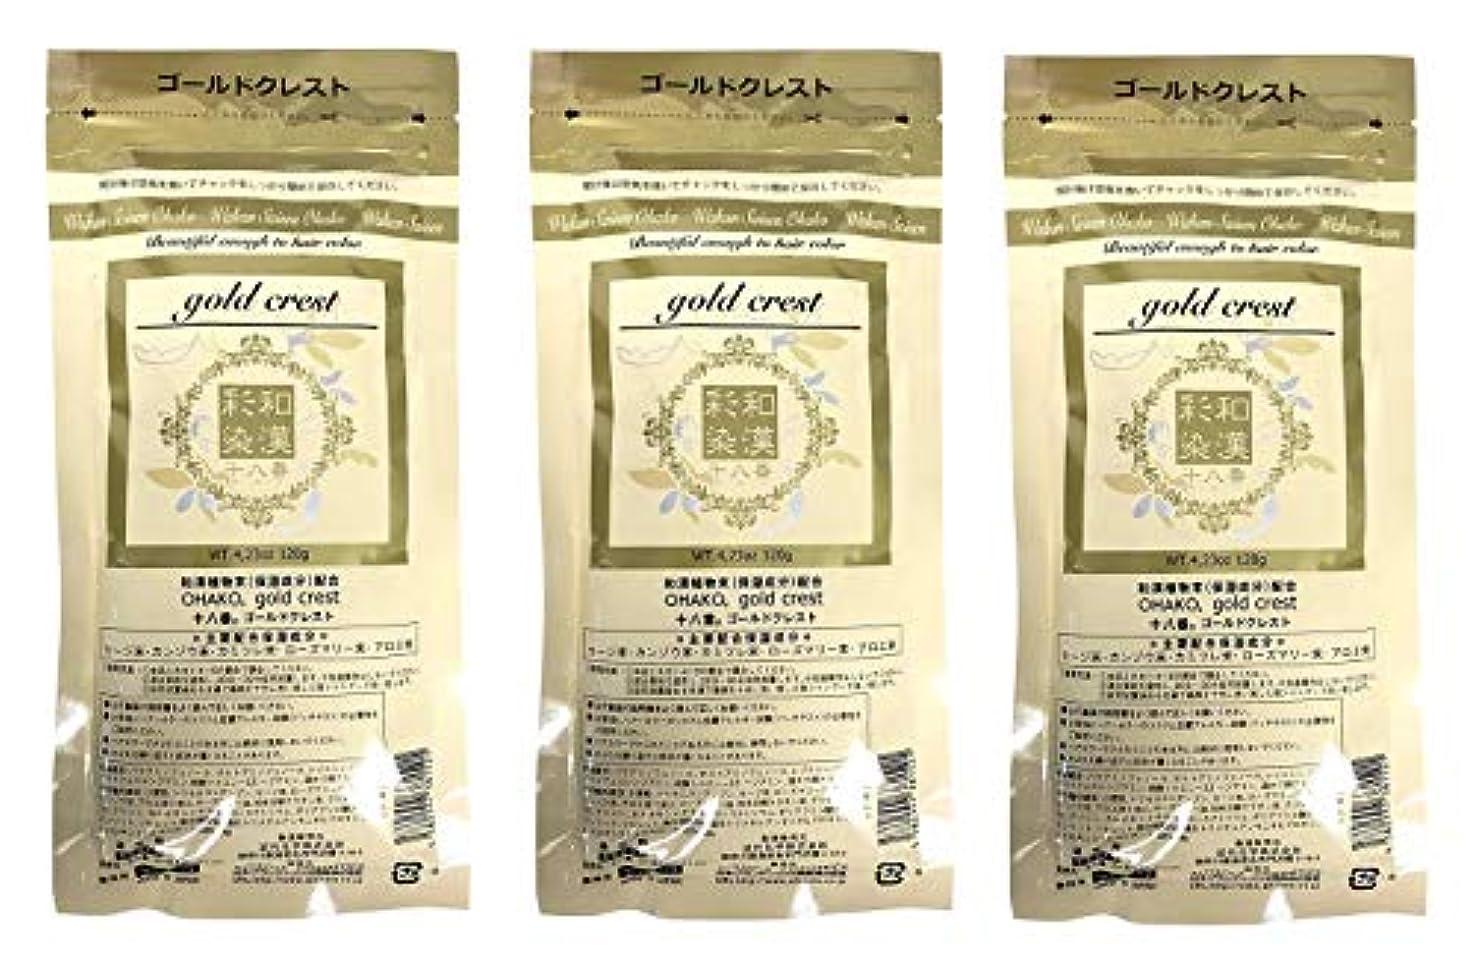 洗剤再生可能り【3個セット】グランデックス 和漢彩染 十八番 120g ゴールドクレスト